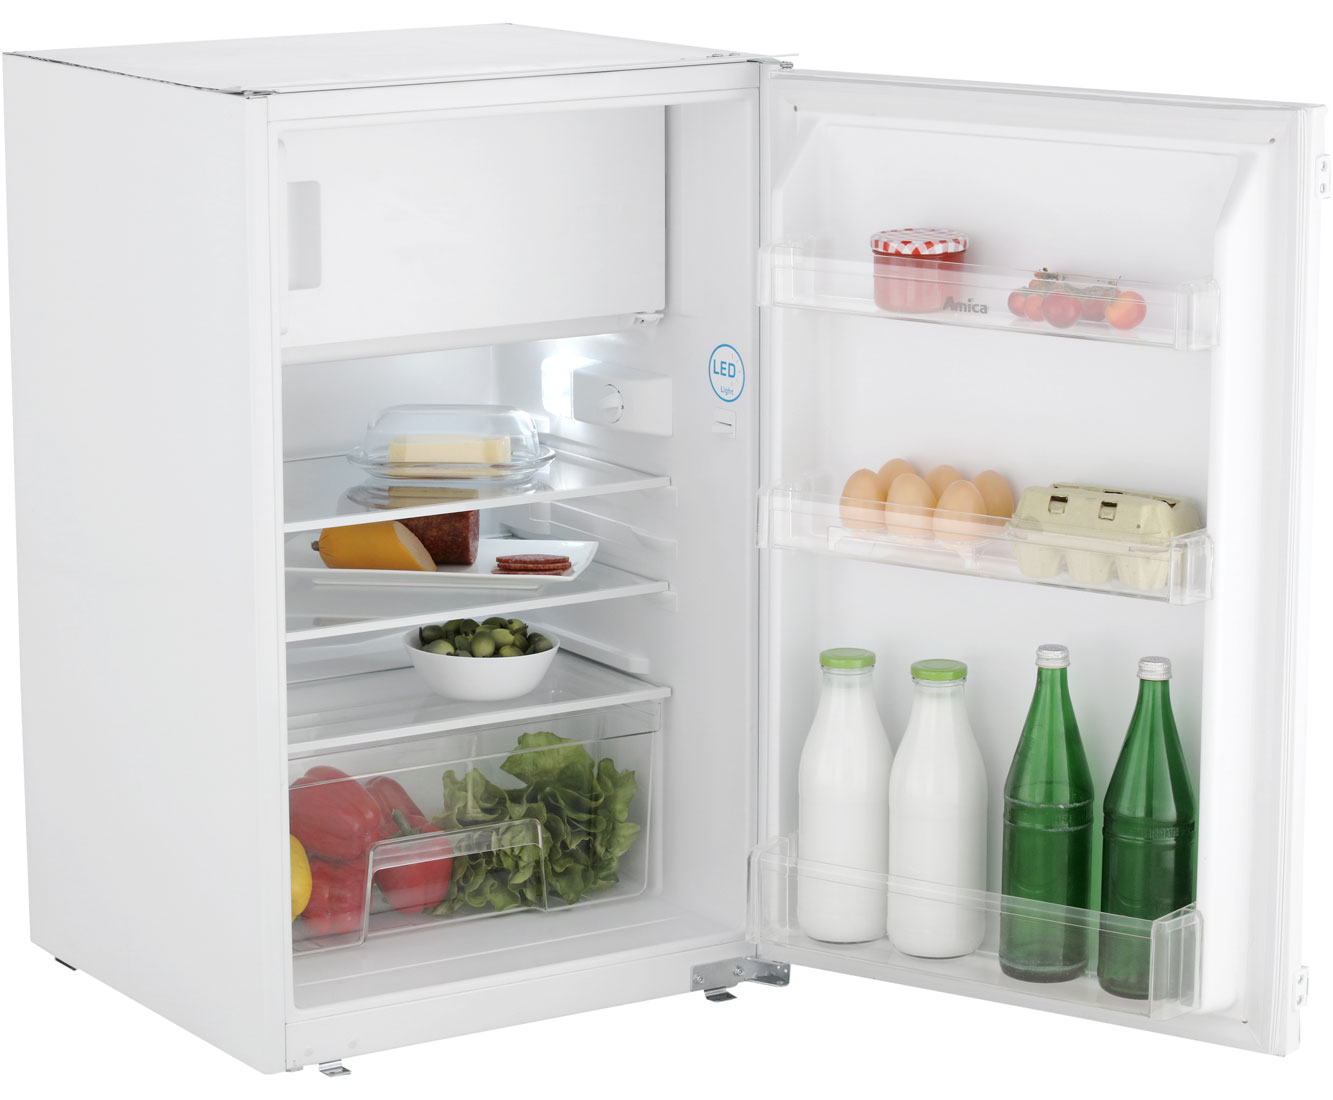 Amica Kühlschrank Geht Nicht Mehr : Amica eks einbau kühlschrank mit gefrierfach schlepptür